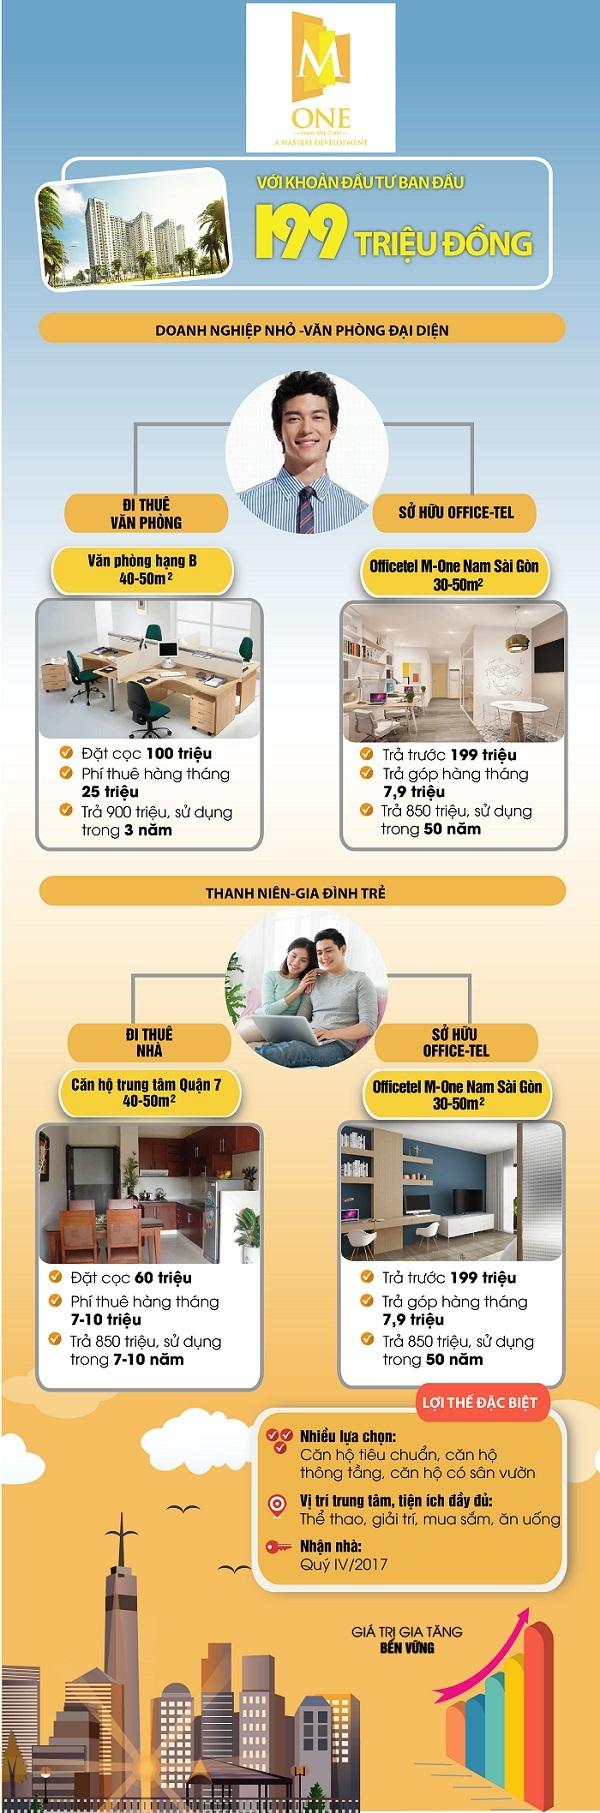 Vì sao nên mua căn hộ Officetel?